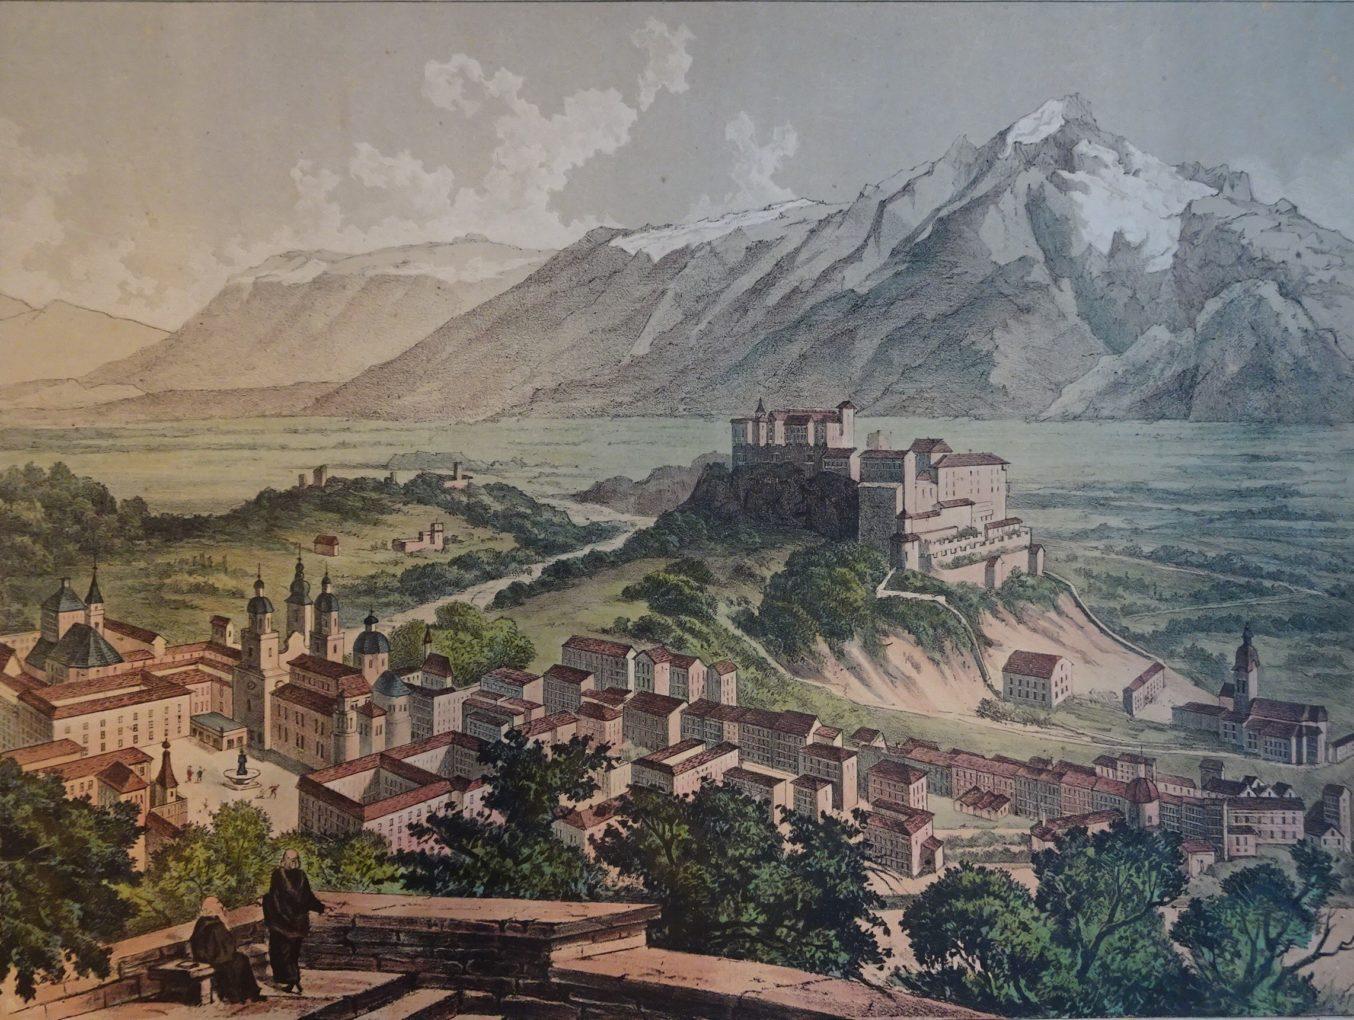 Widok Salzburga, wydał Winckelmann & Söhne, Berlin, około 1850, litografia kolorowana na papierze, Muzeum Narodowe w Szczecinie